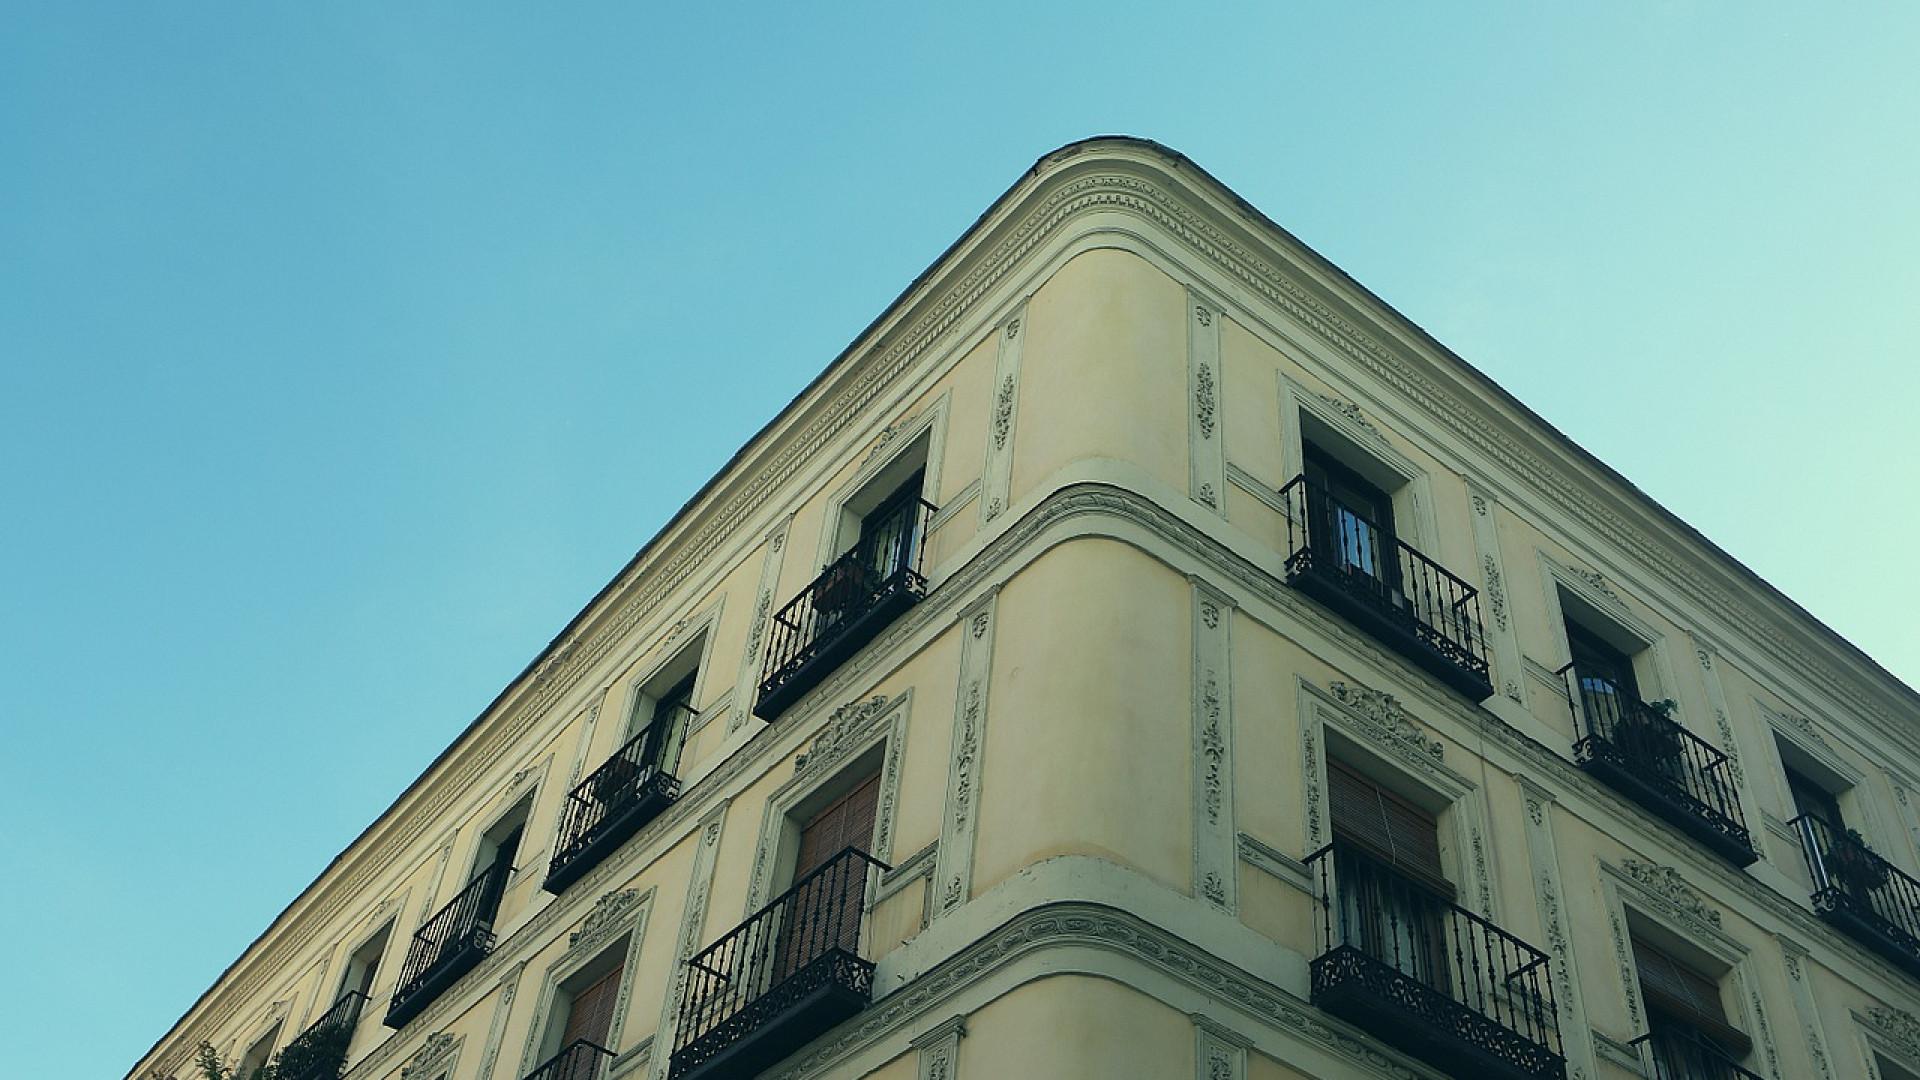 Pourquoi faut-il faire appel à un professionnel pour la rénovation de votre appartement ?